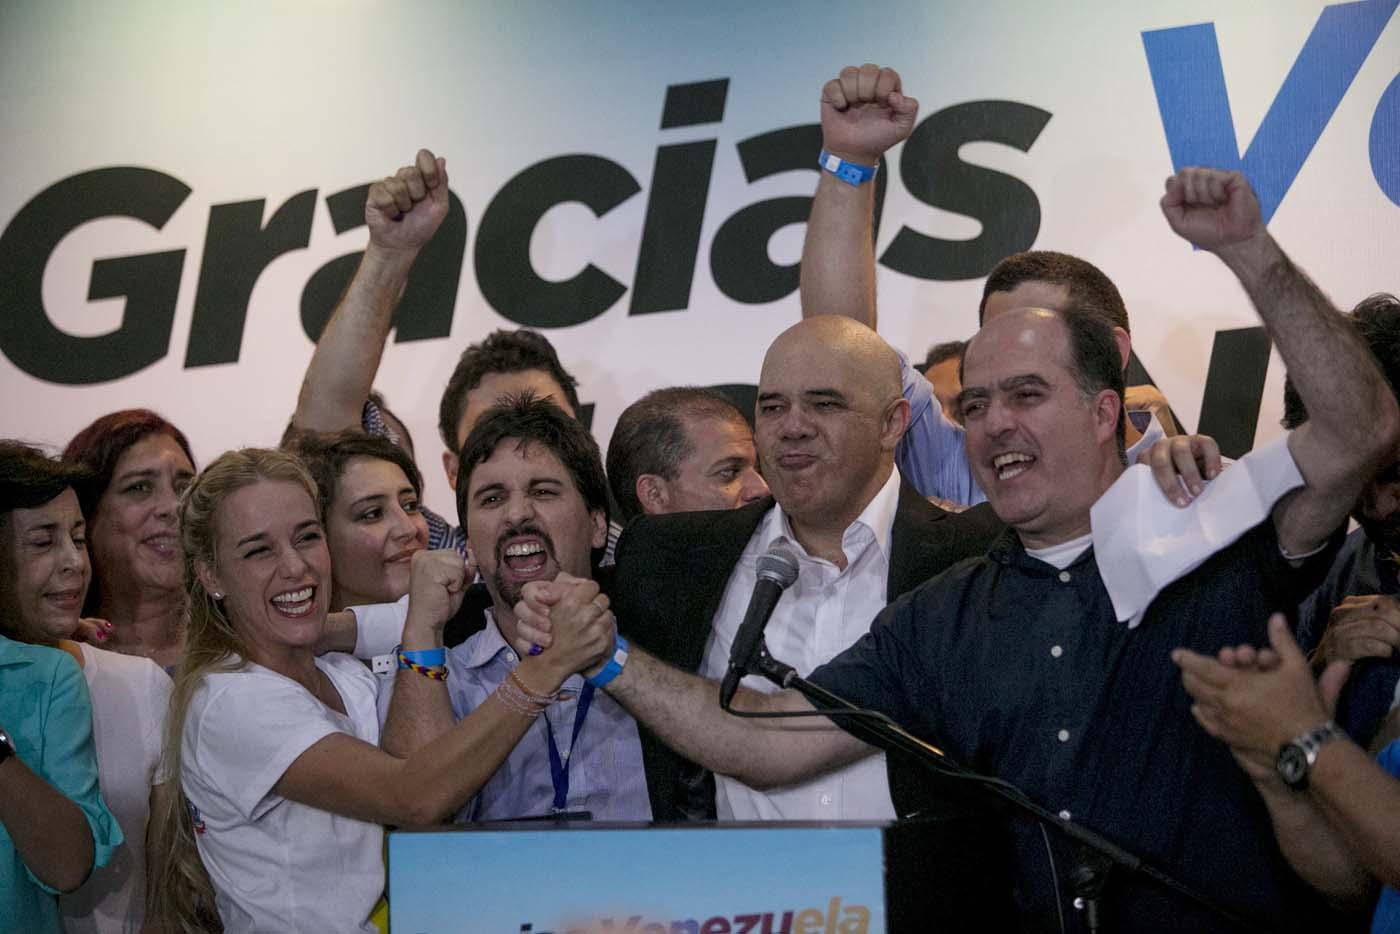 Los líderes opositores de izquierda a derecha Lilian Tintori, esposa del encarcelado  líder Leopoldo Lopez;  Freddy Guevara, del partido Voluntad Popular, y Jesús Torrealba, líder del Movimiento de Unidad Democratica, y el diputado electo Julio Borges celebran en Caracas, Venezuela, el lunes 7 de diciembre de 2015. La oposición venezolana tomará el control del órgano legislativo tras el resultado de los comicios del domingo 6 de diciembre(AP Photo/Alejandro Cegarra)